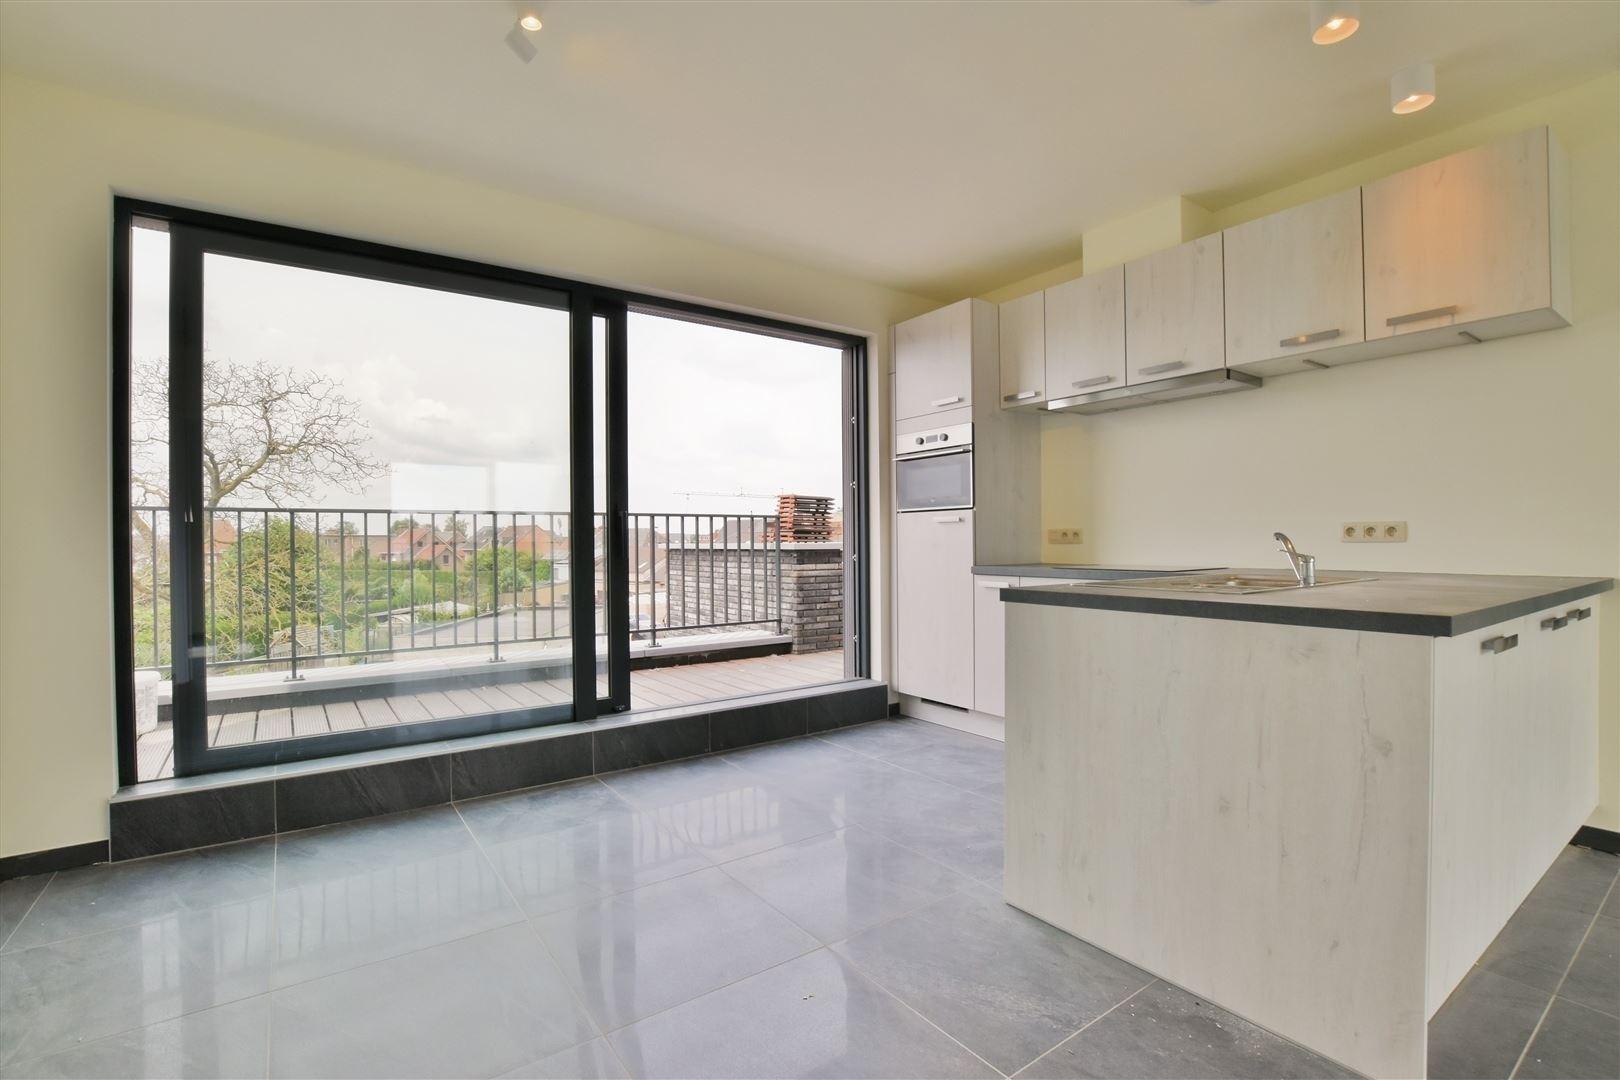 Foto 7 : Appartement te 9255 Buggenhout (België) - Prijs € 660